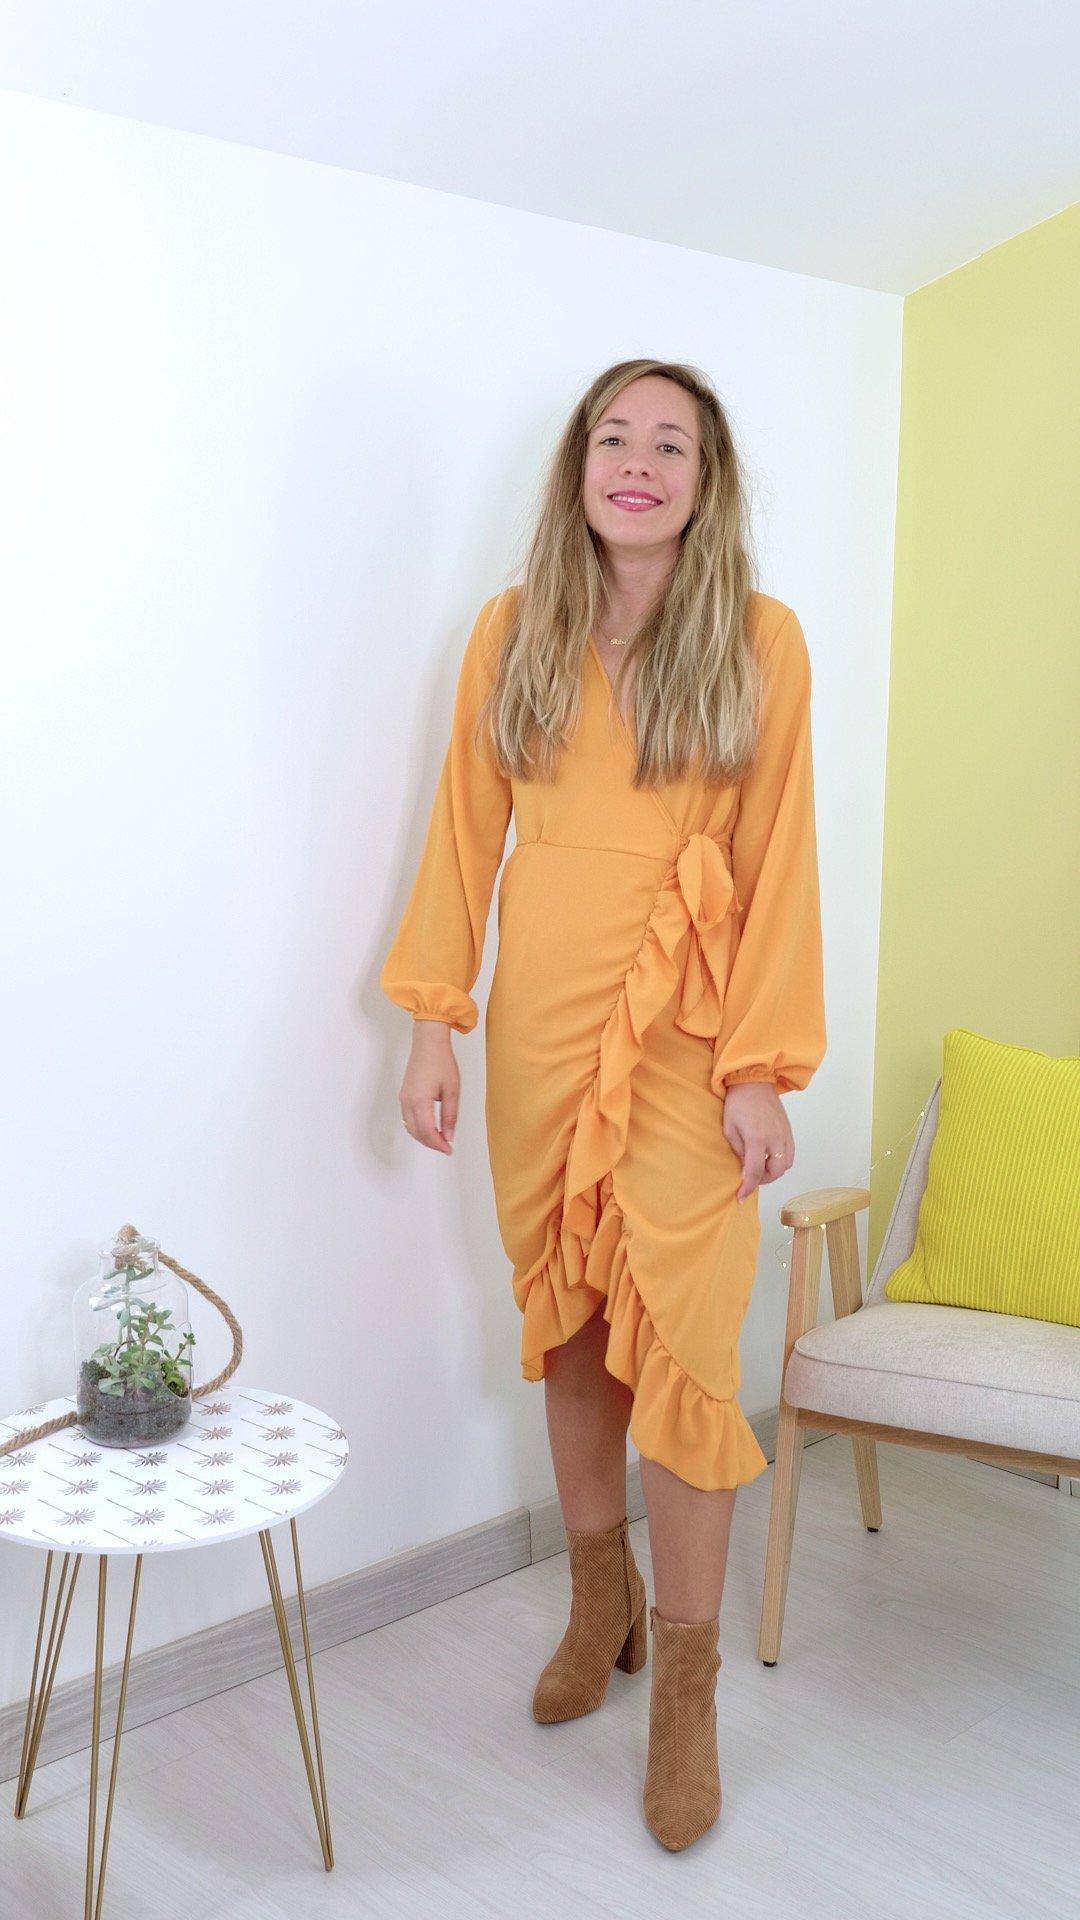 robe jaune volants boohoo